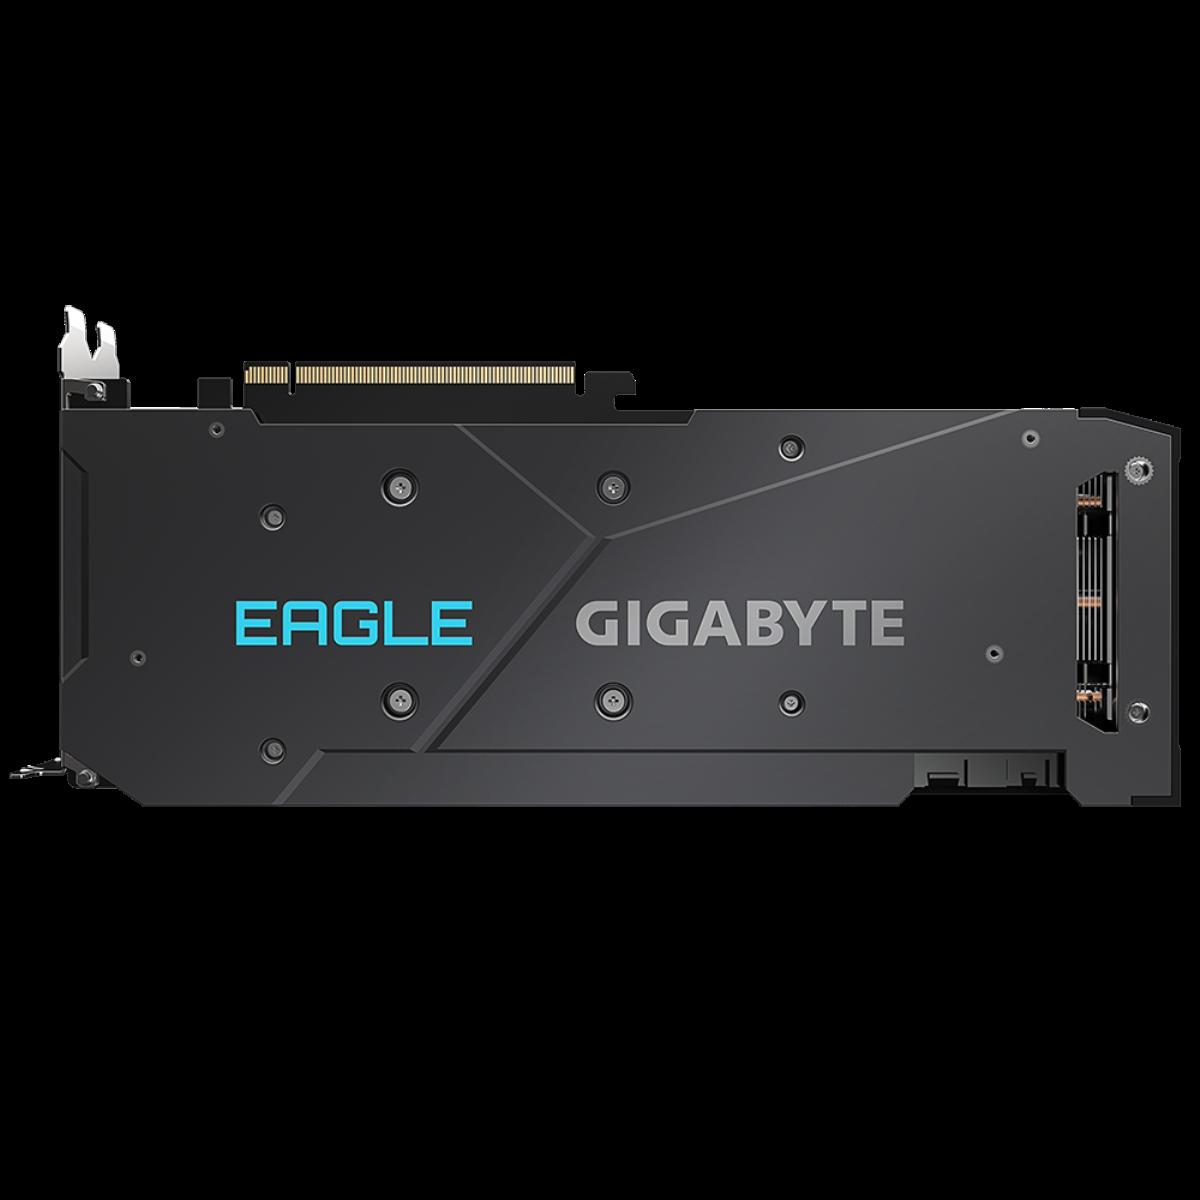 Radeon RX 6700 XT XT EAGLE - 12 Go